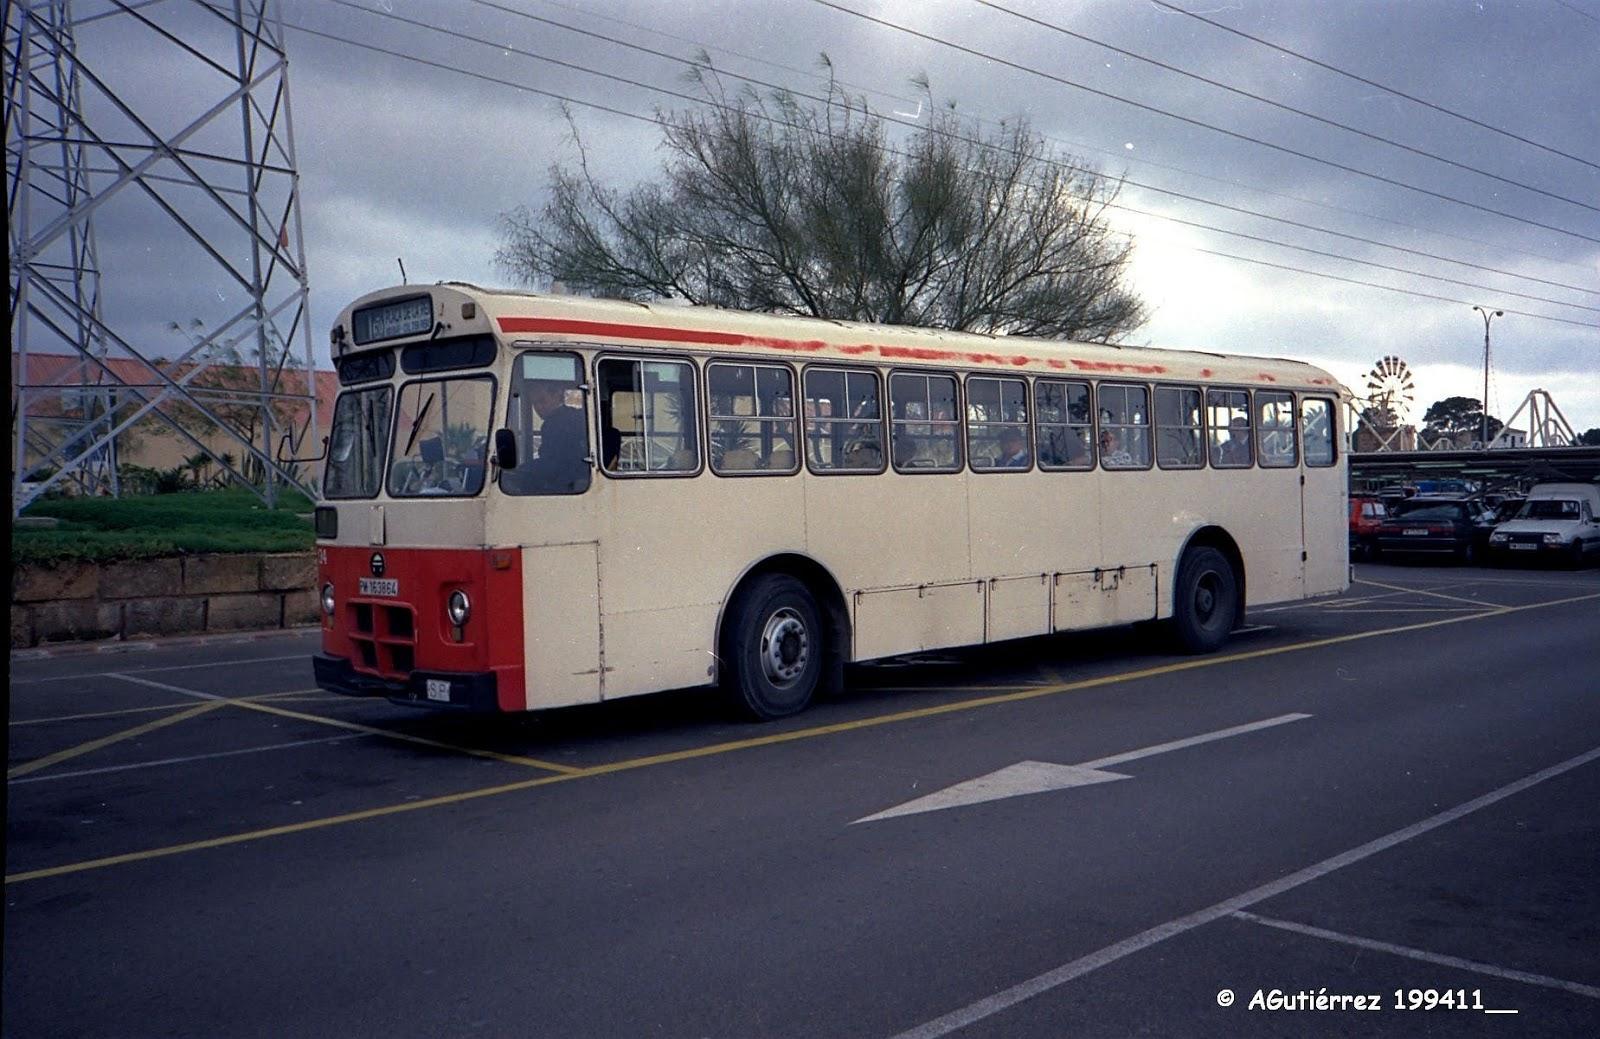 Autobuses de espa a pegaso 6035 autobuses de espa a - Transportes palma de mallorca ...